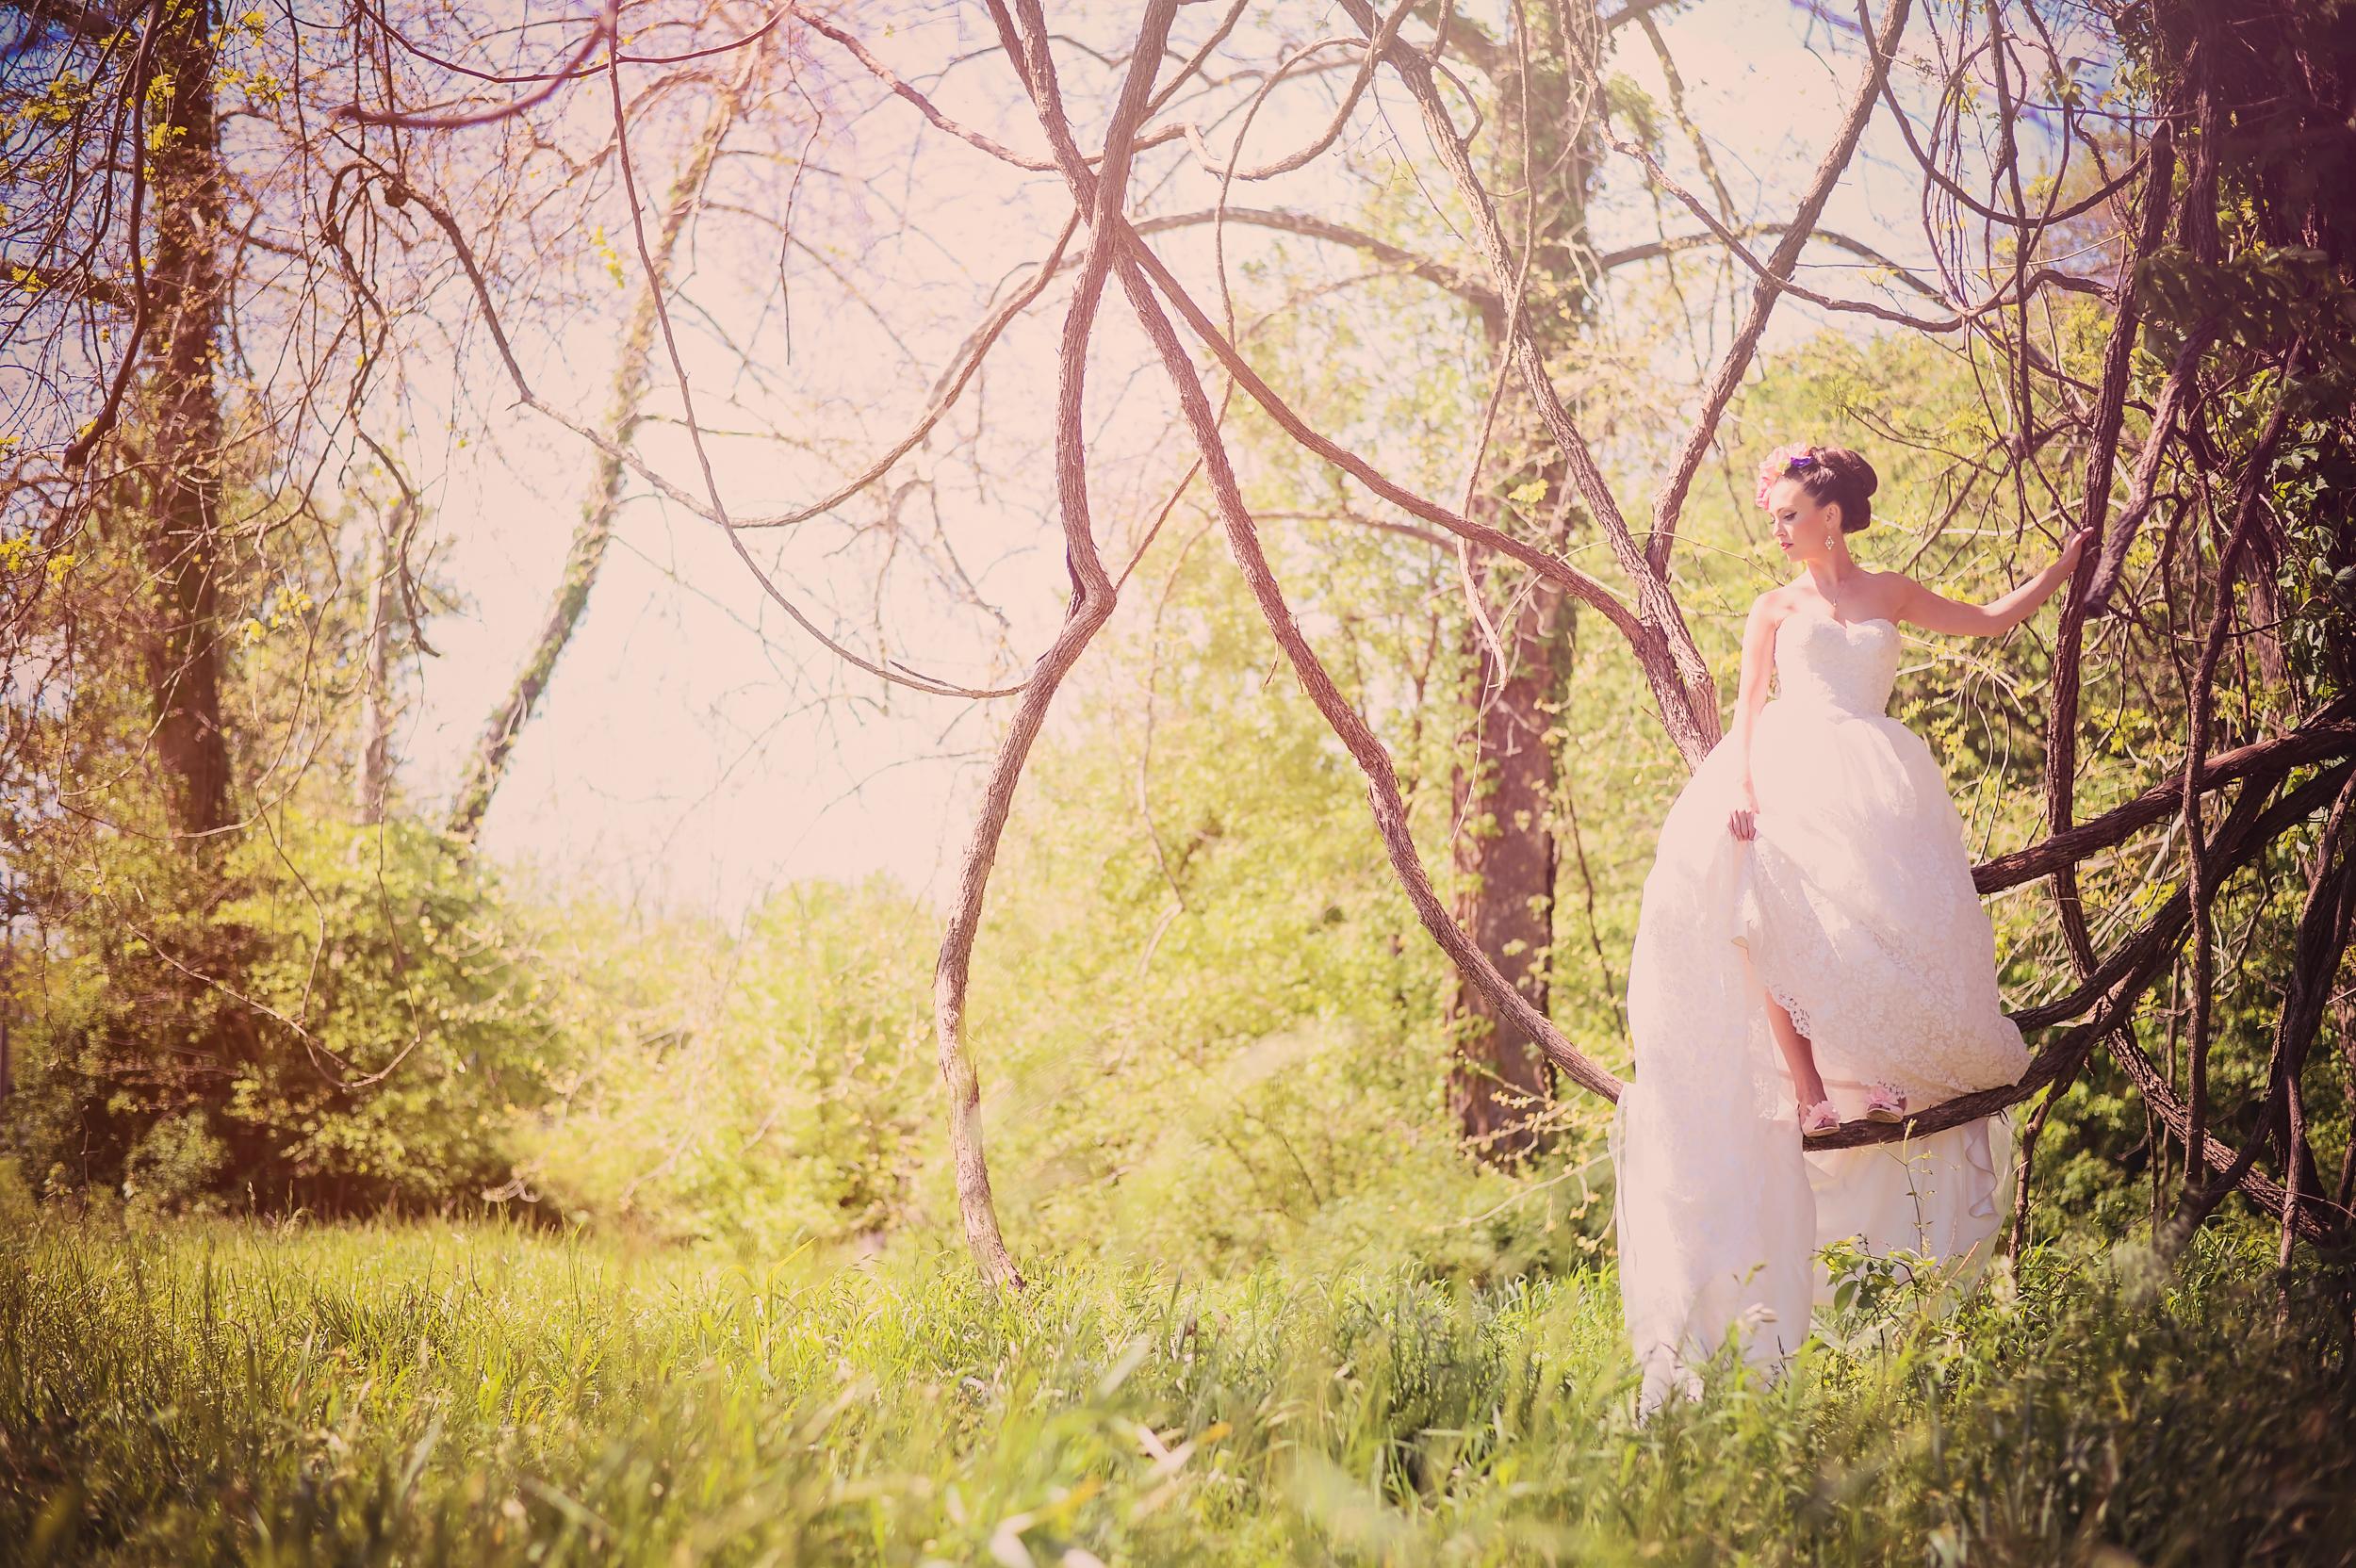 bridalsCOVER©2015mileswittboyer-6.jpg